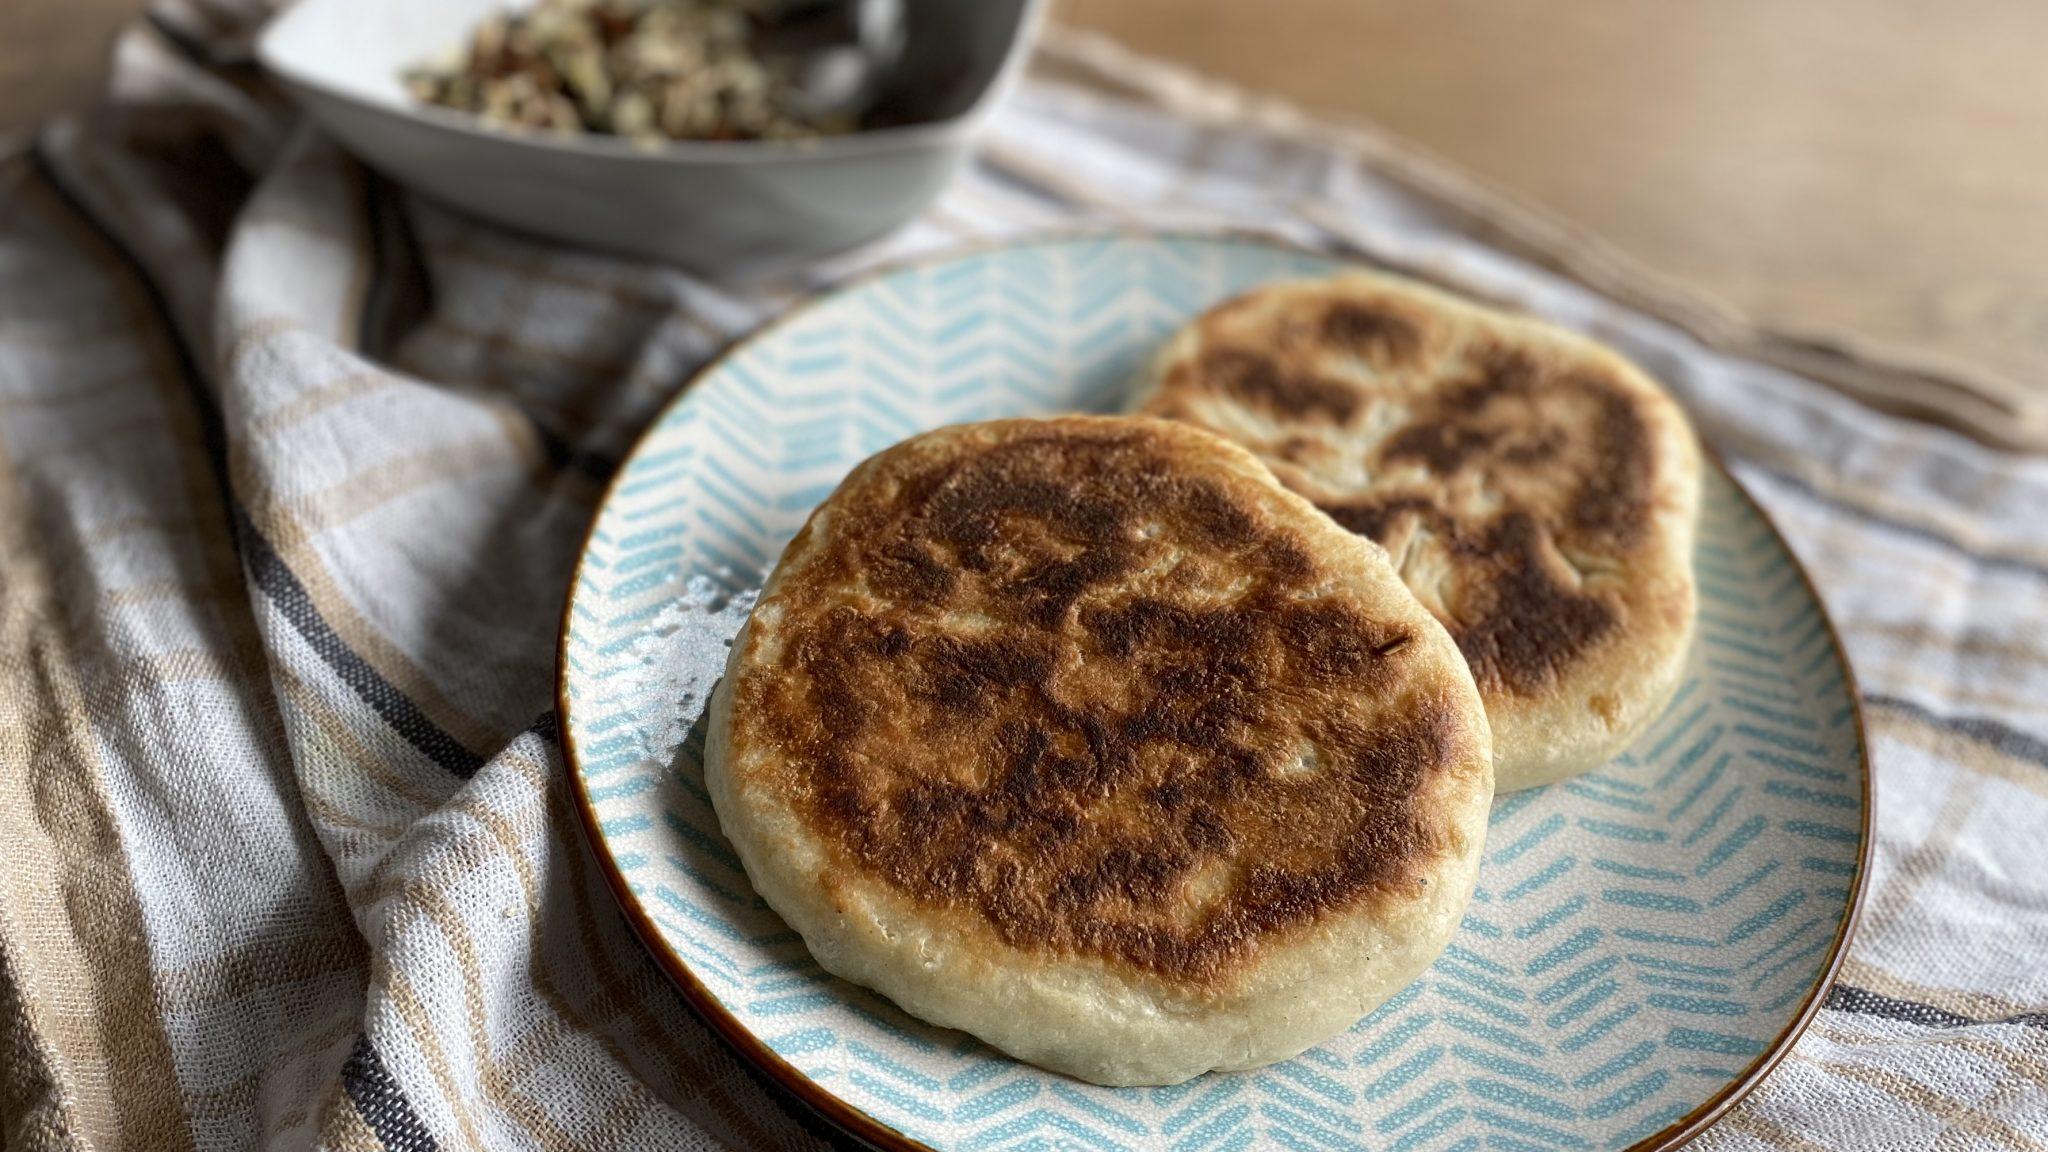 Hotteok: Koreaanse pannenkoek met bruine suiker, kaneel en zaden